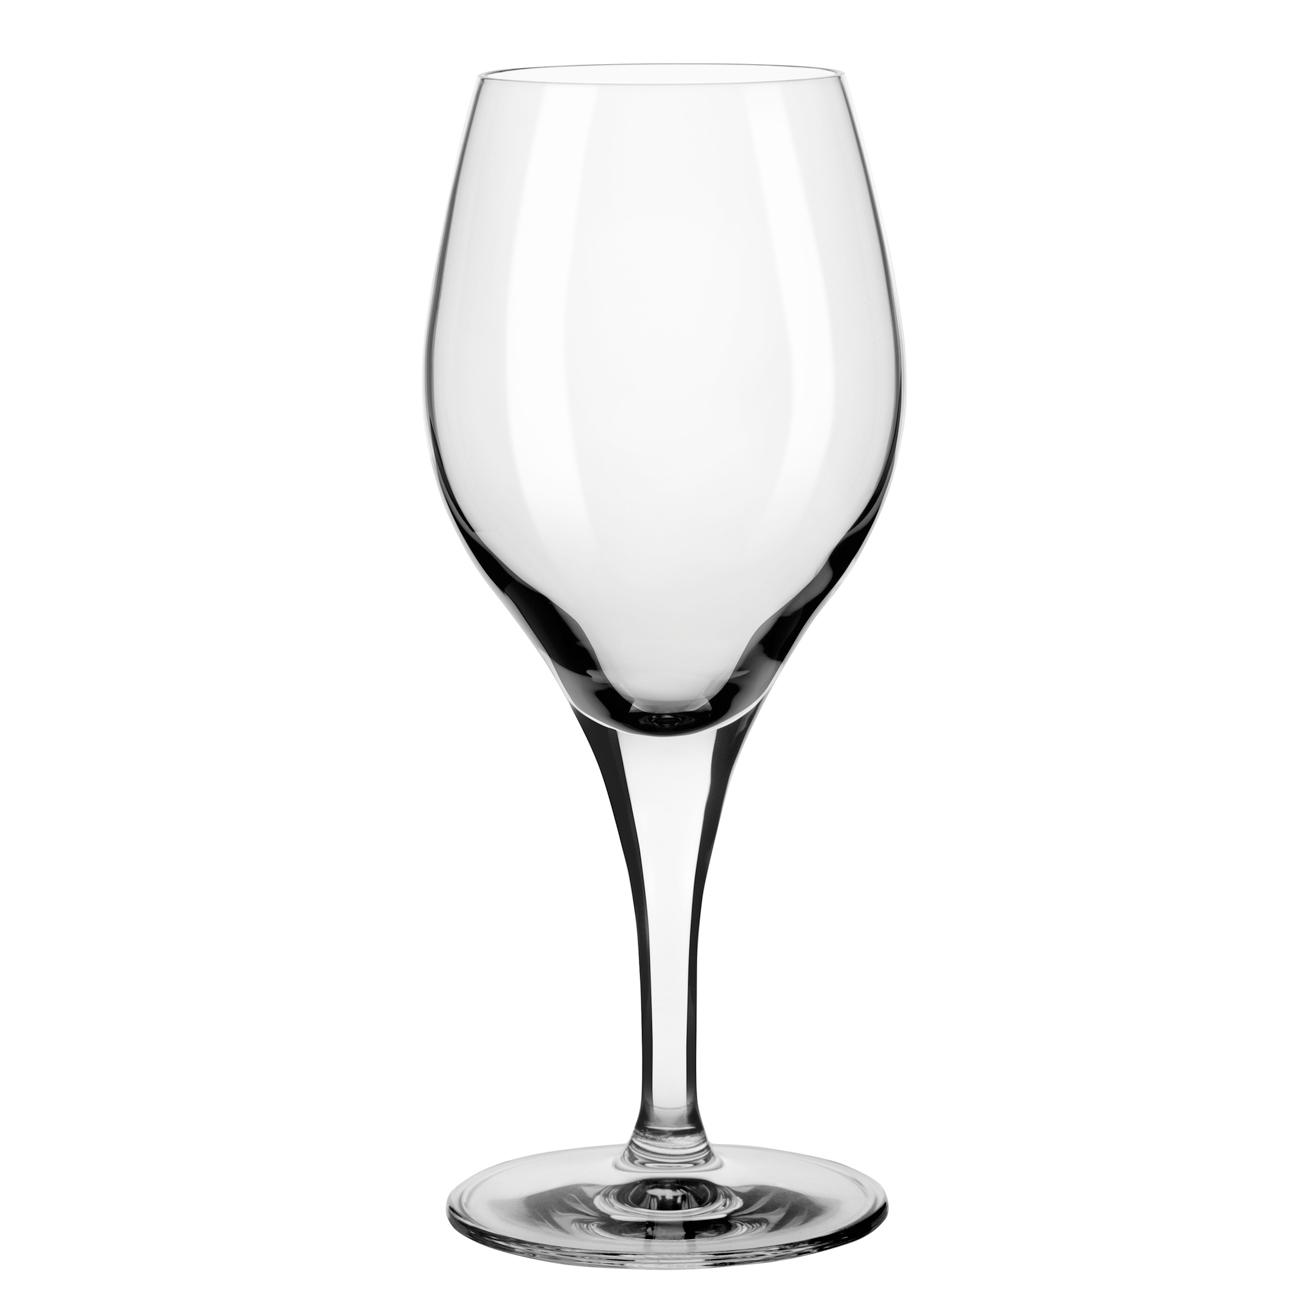 Libbey Glass 9142 glass, wine